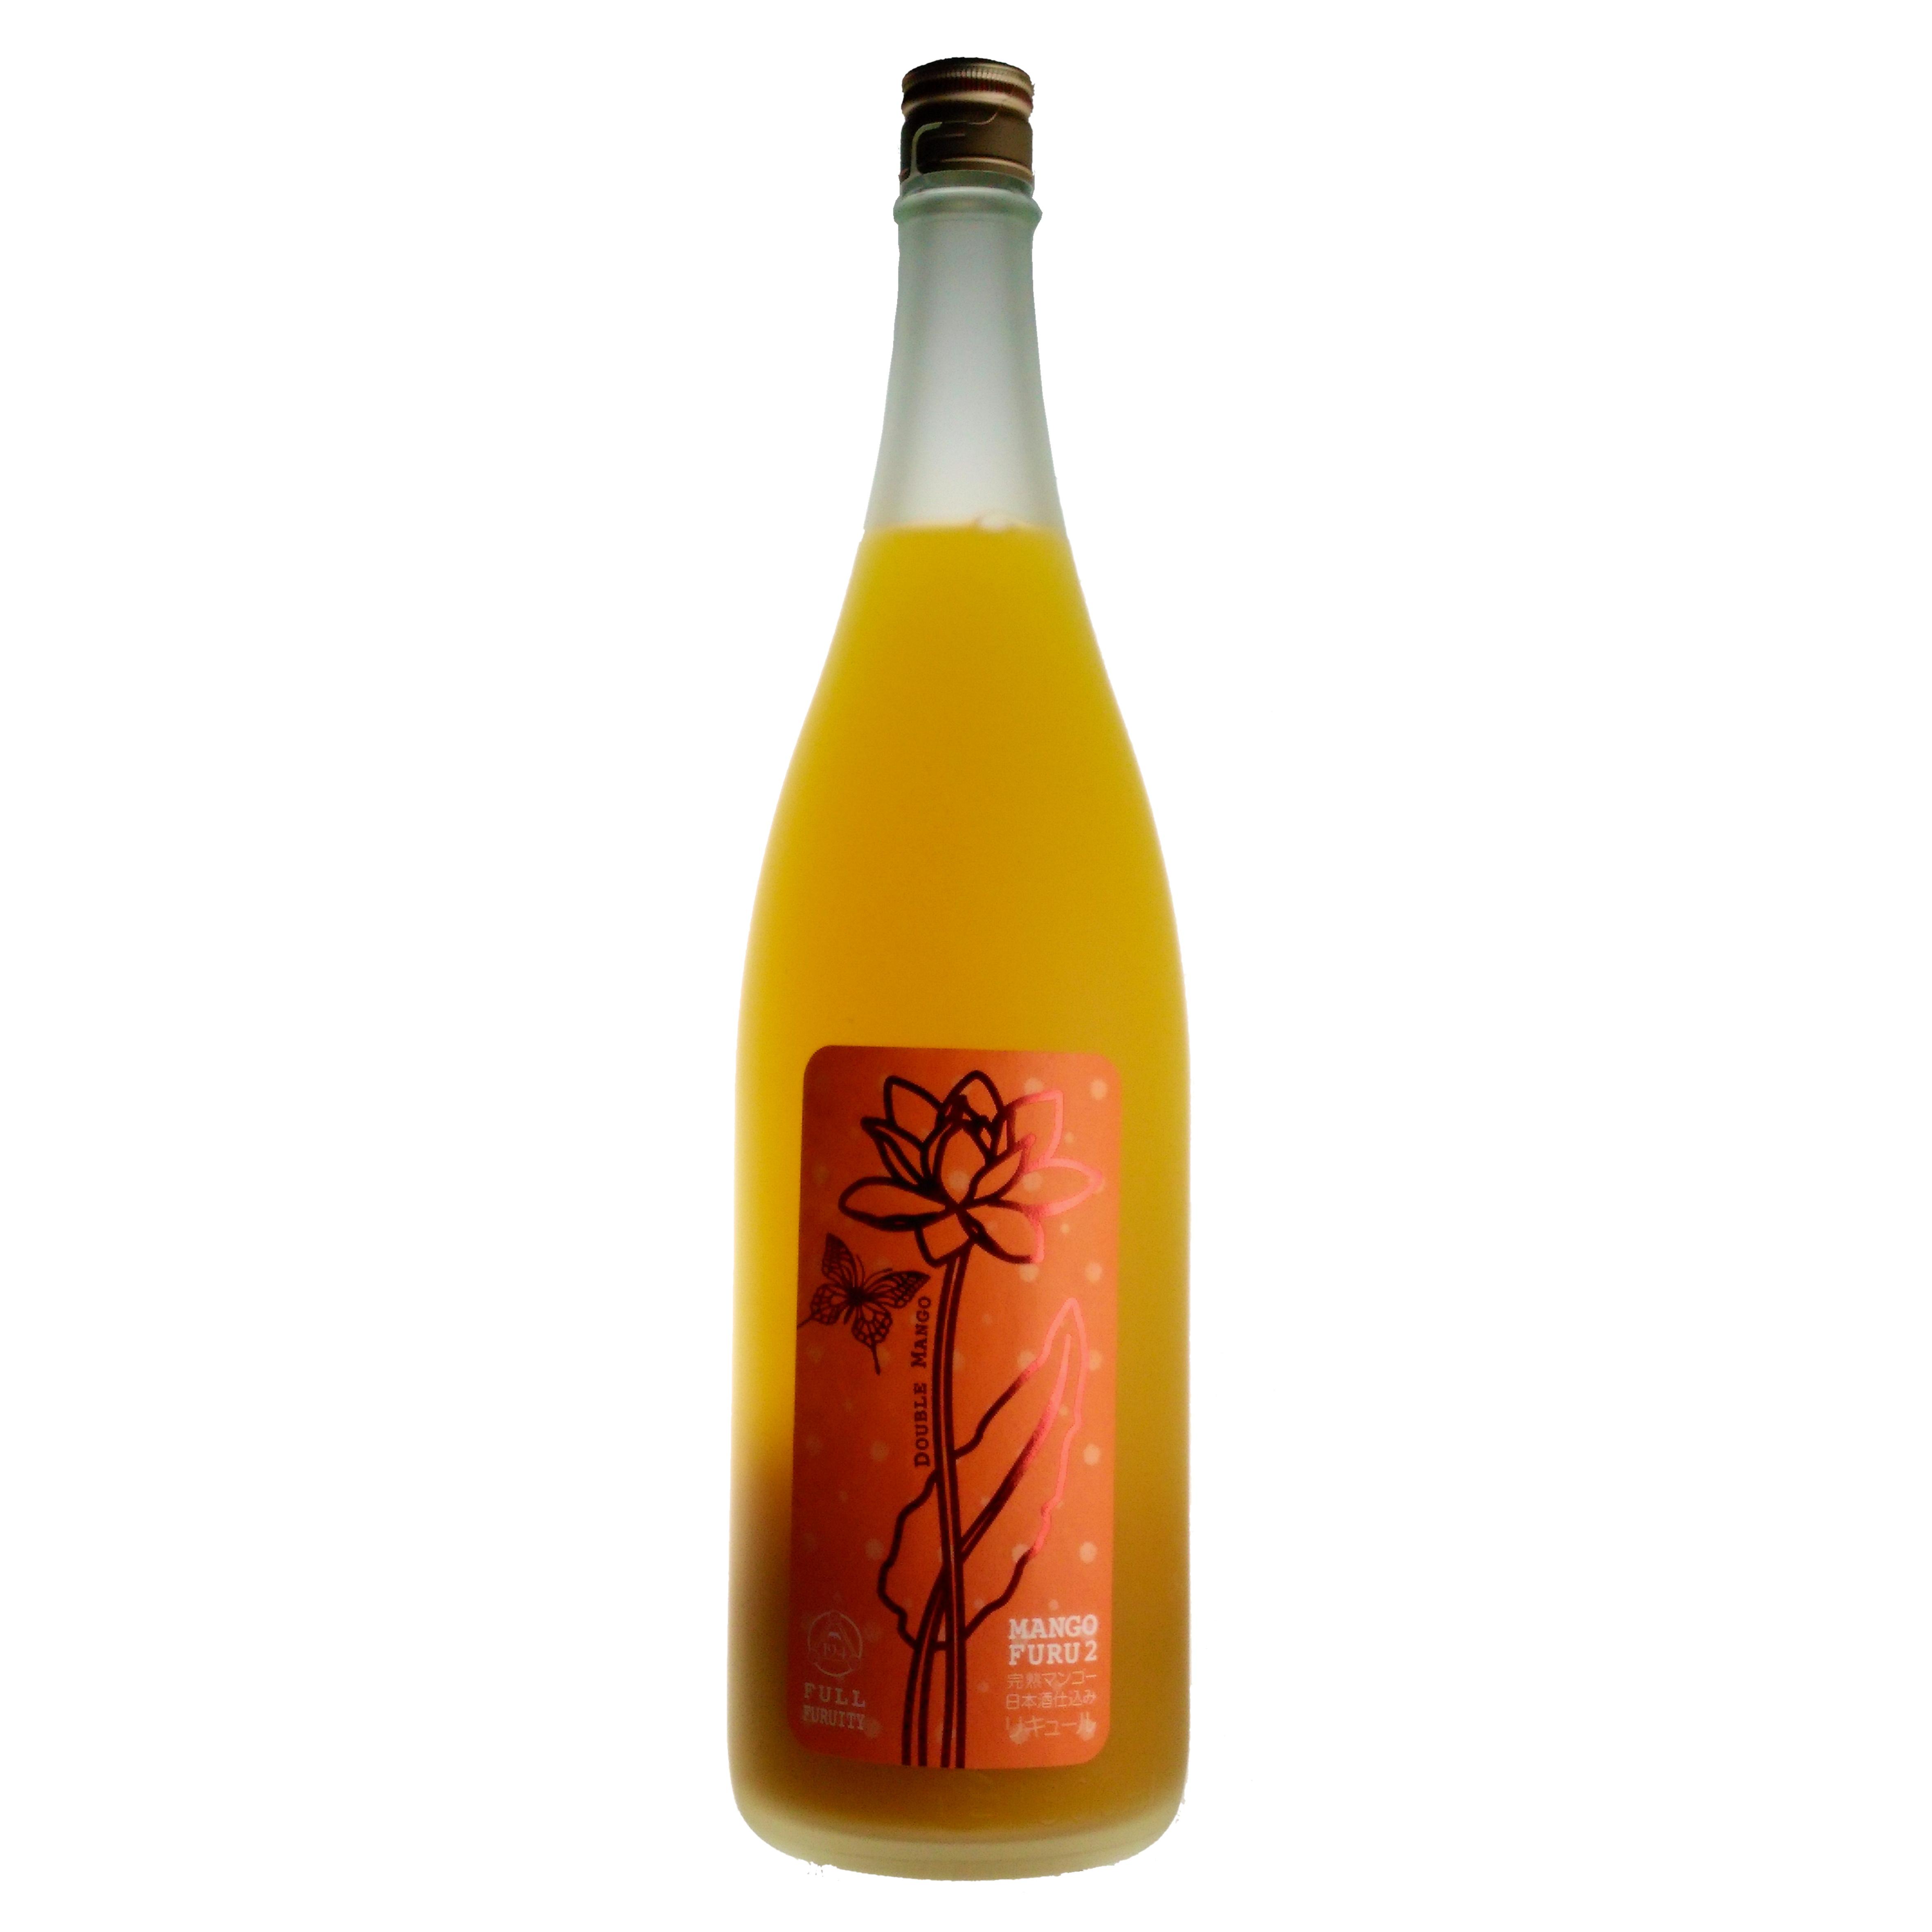 完熟フルフルマンゴー梅酒